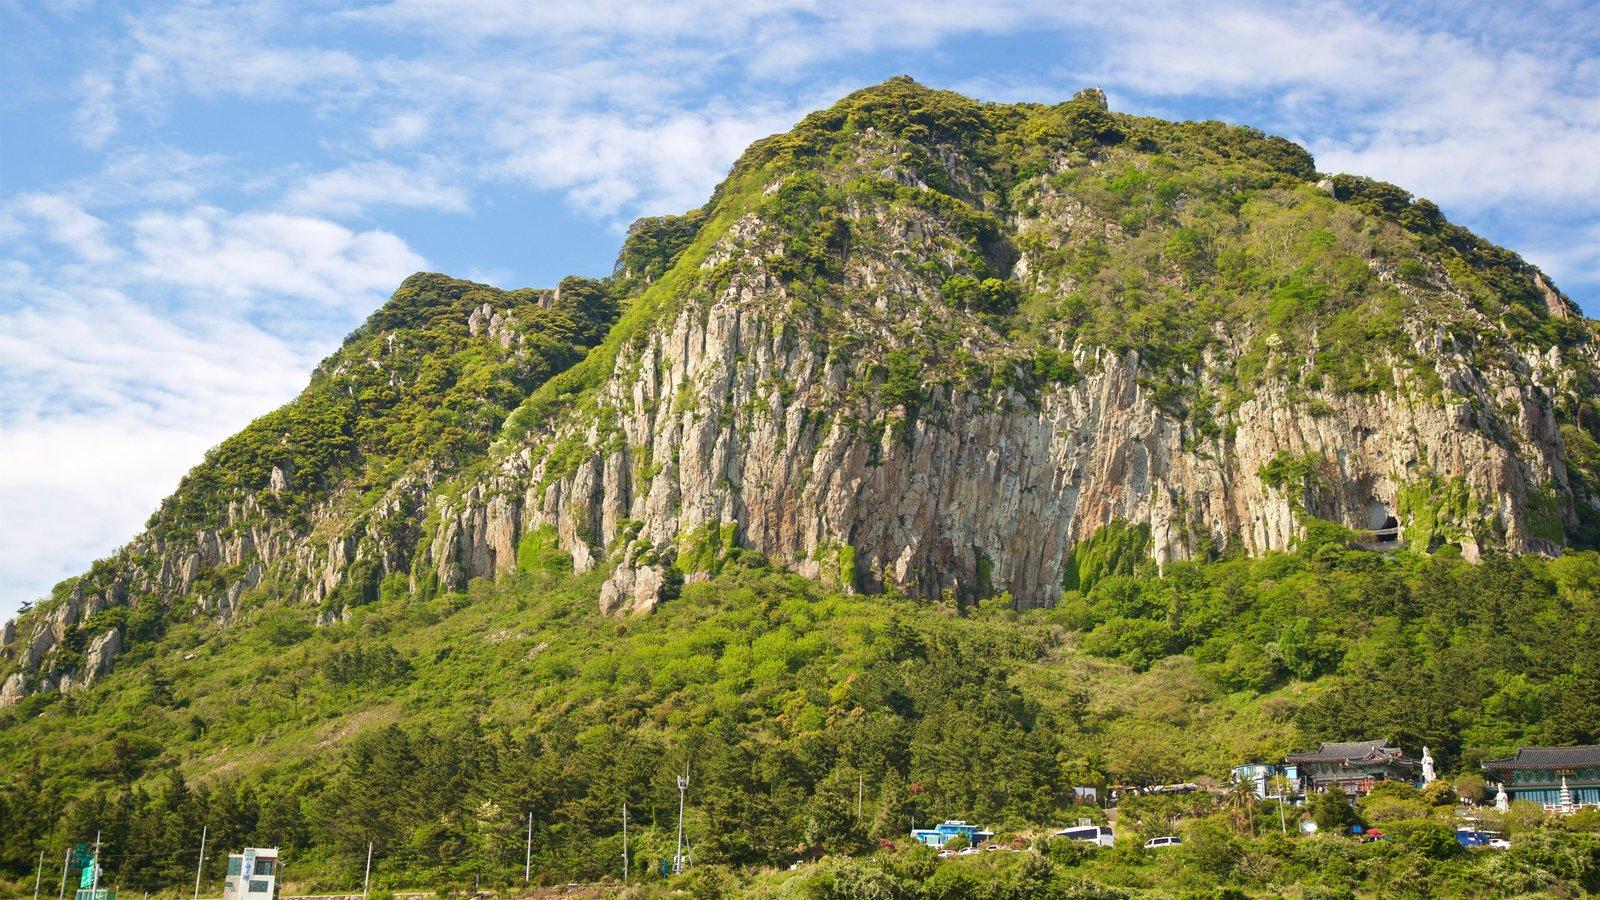 Montaña Sanbangsan mostrando montañas y vistas de paisajes